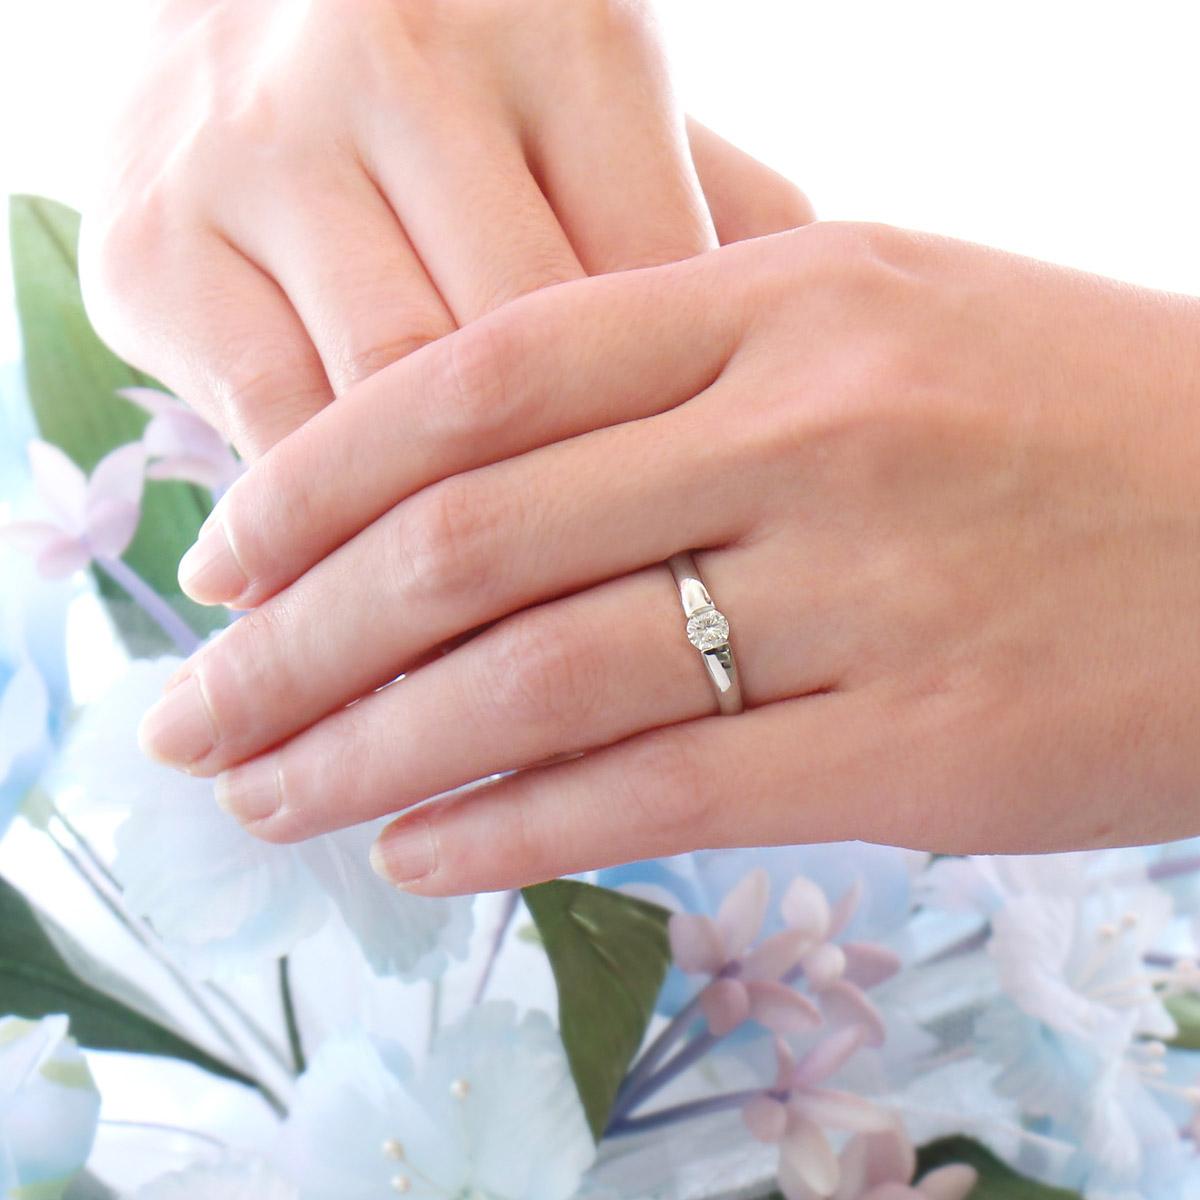 Jewelry SUEHIRO | Rakuten Global Market: Engagement rings engagement ...